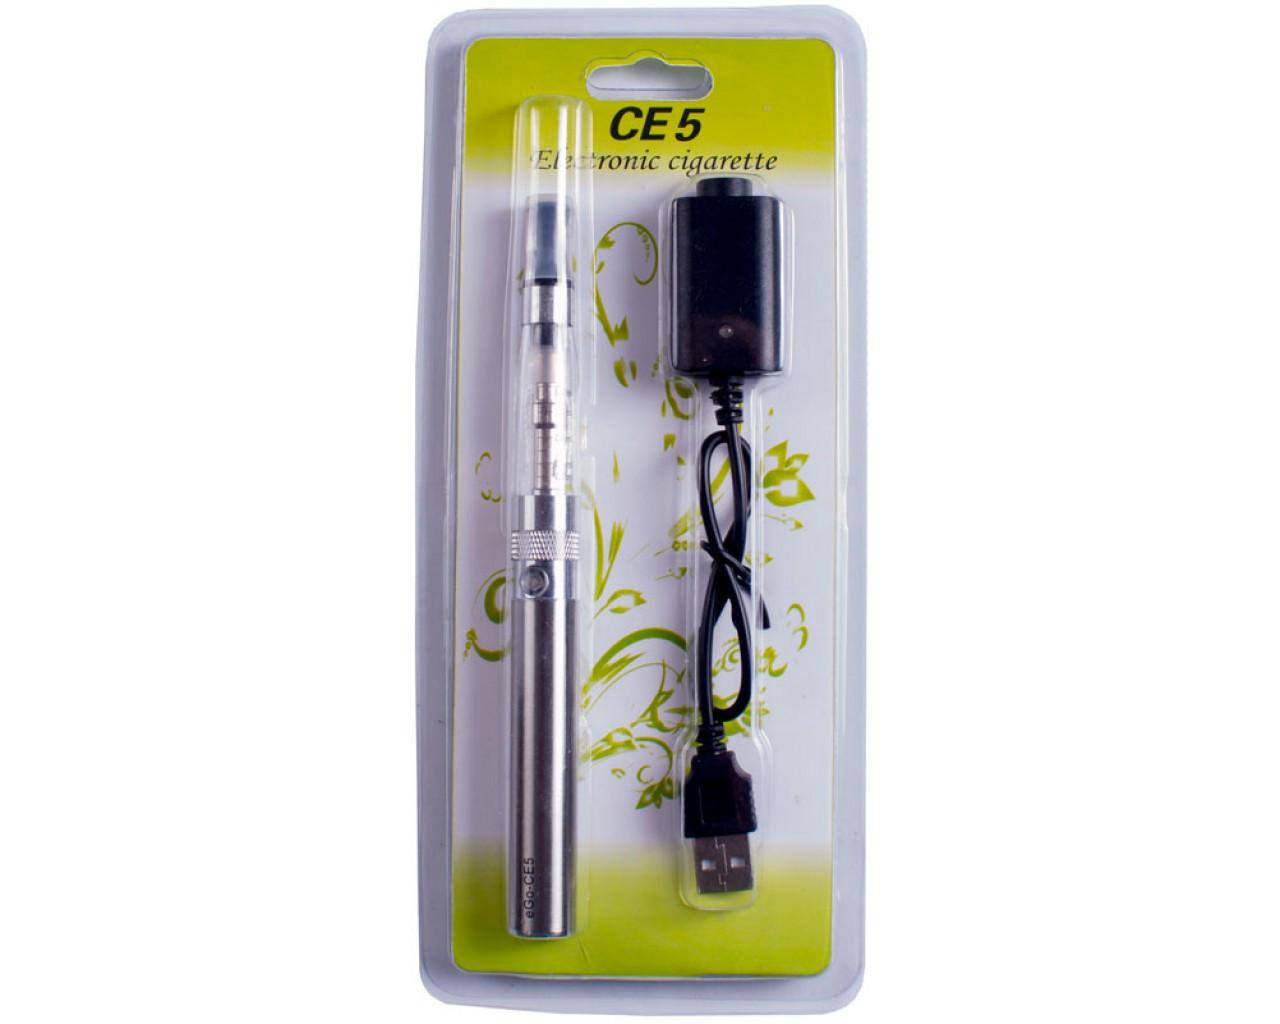 Электронная сигарета CE-5 900 mAh (блистерная упаковка) №609-23